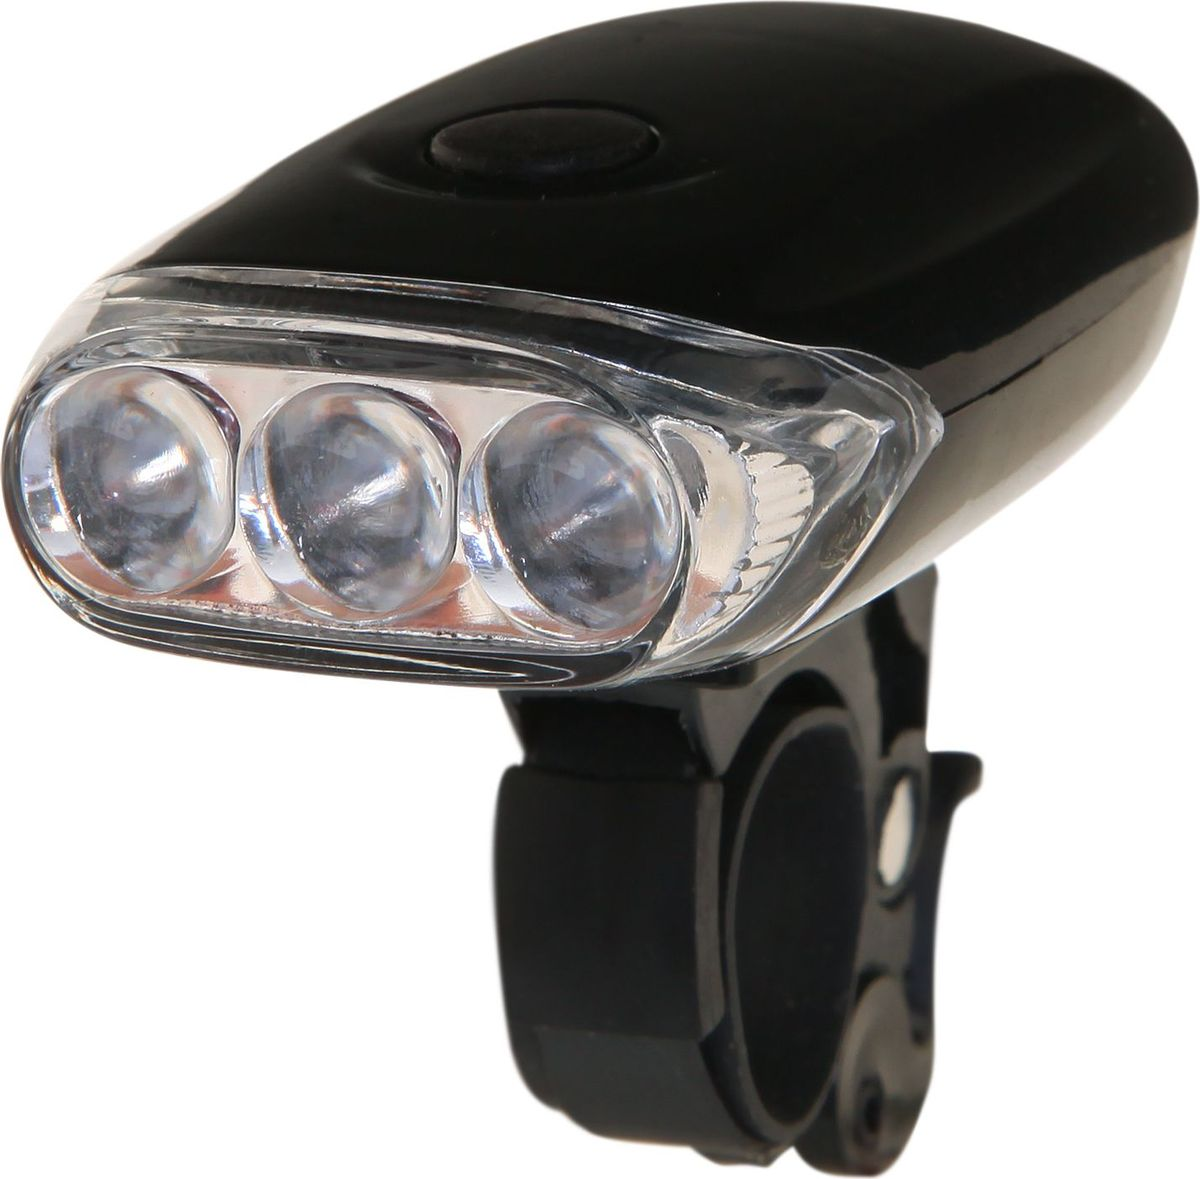 Фонарь велосипедный STG JY-567, передний, 3 светодиода, 3 функцииMW-1462-01-SR серебристыйЛегкий и компактный передний фонарь. Используются 3 ярких светодиода, имеет 3 функции. Экономичное потребление энергии для долгой работы. Для питания используются батарейки ААА 3шт, в комплект не входят.